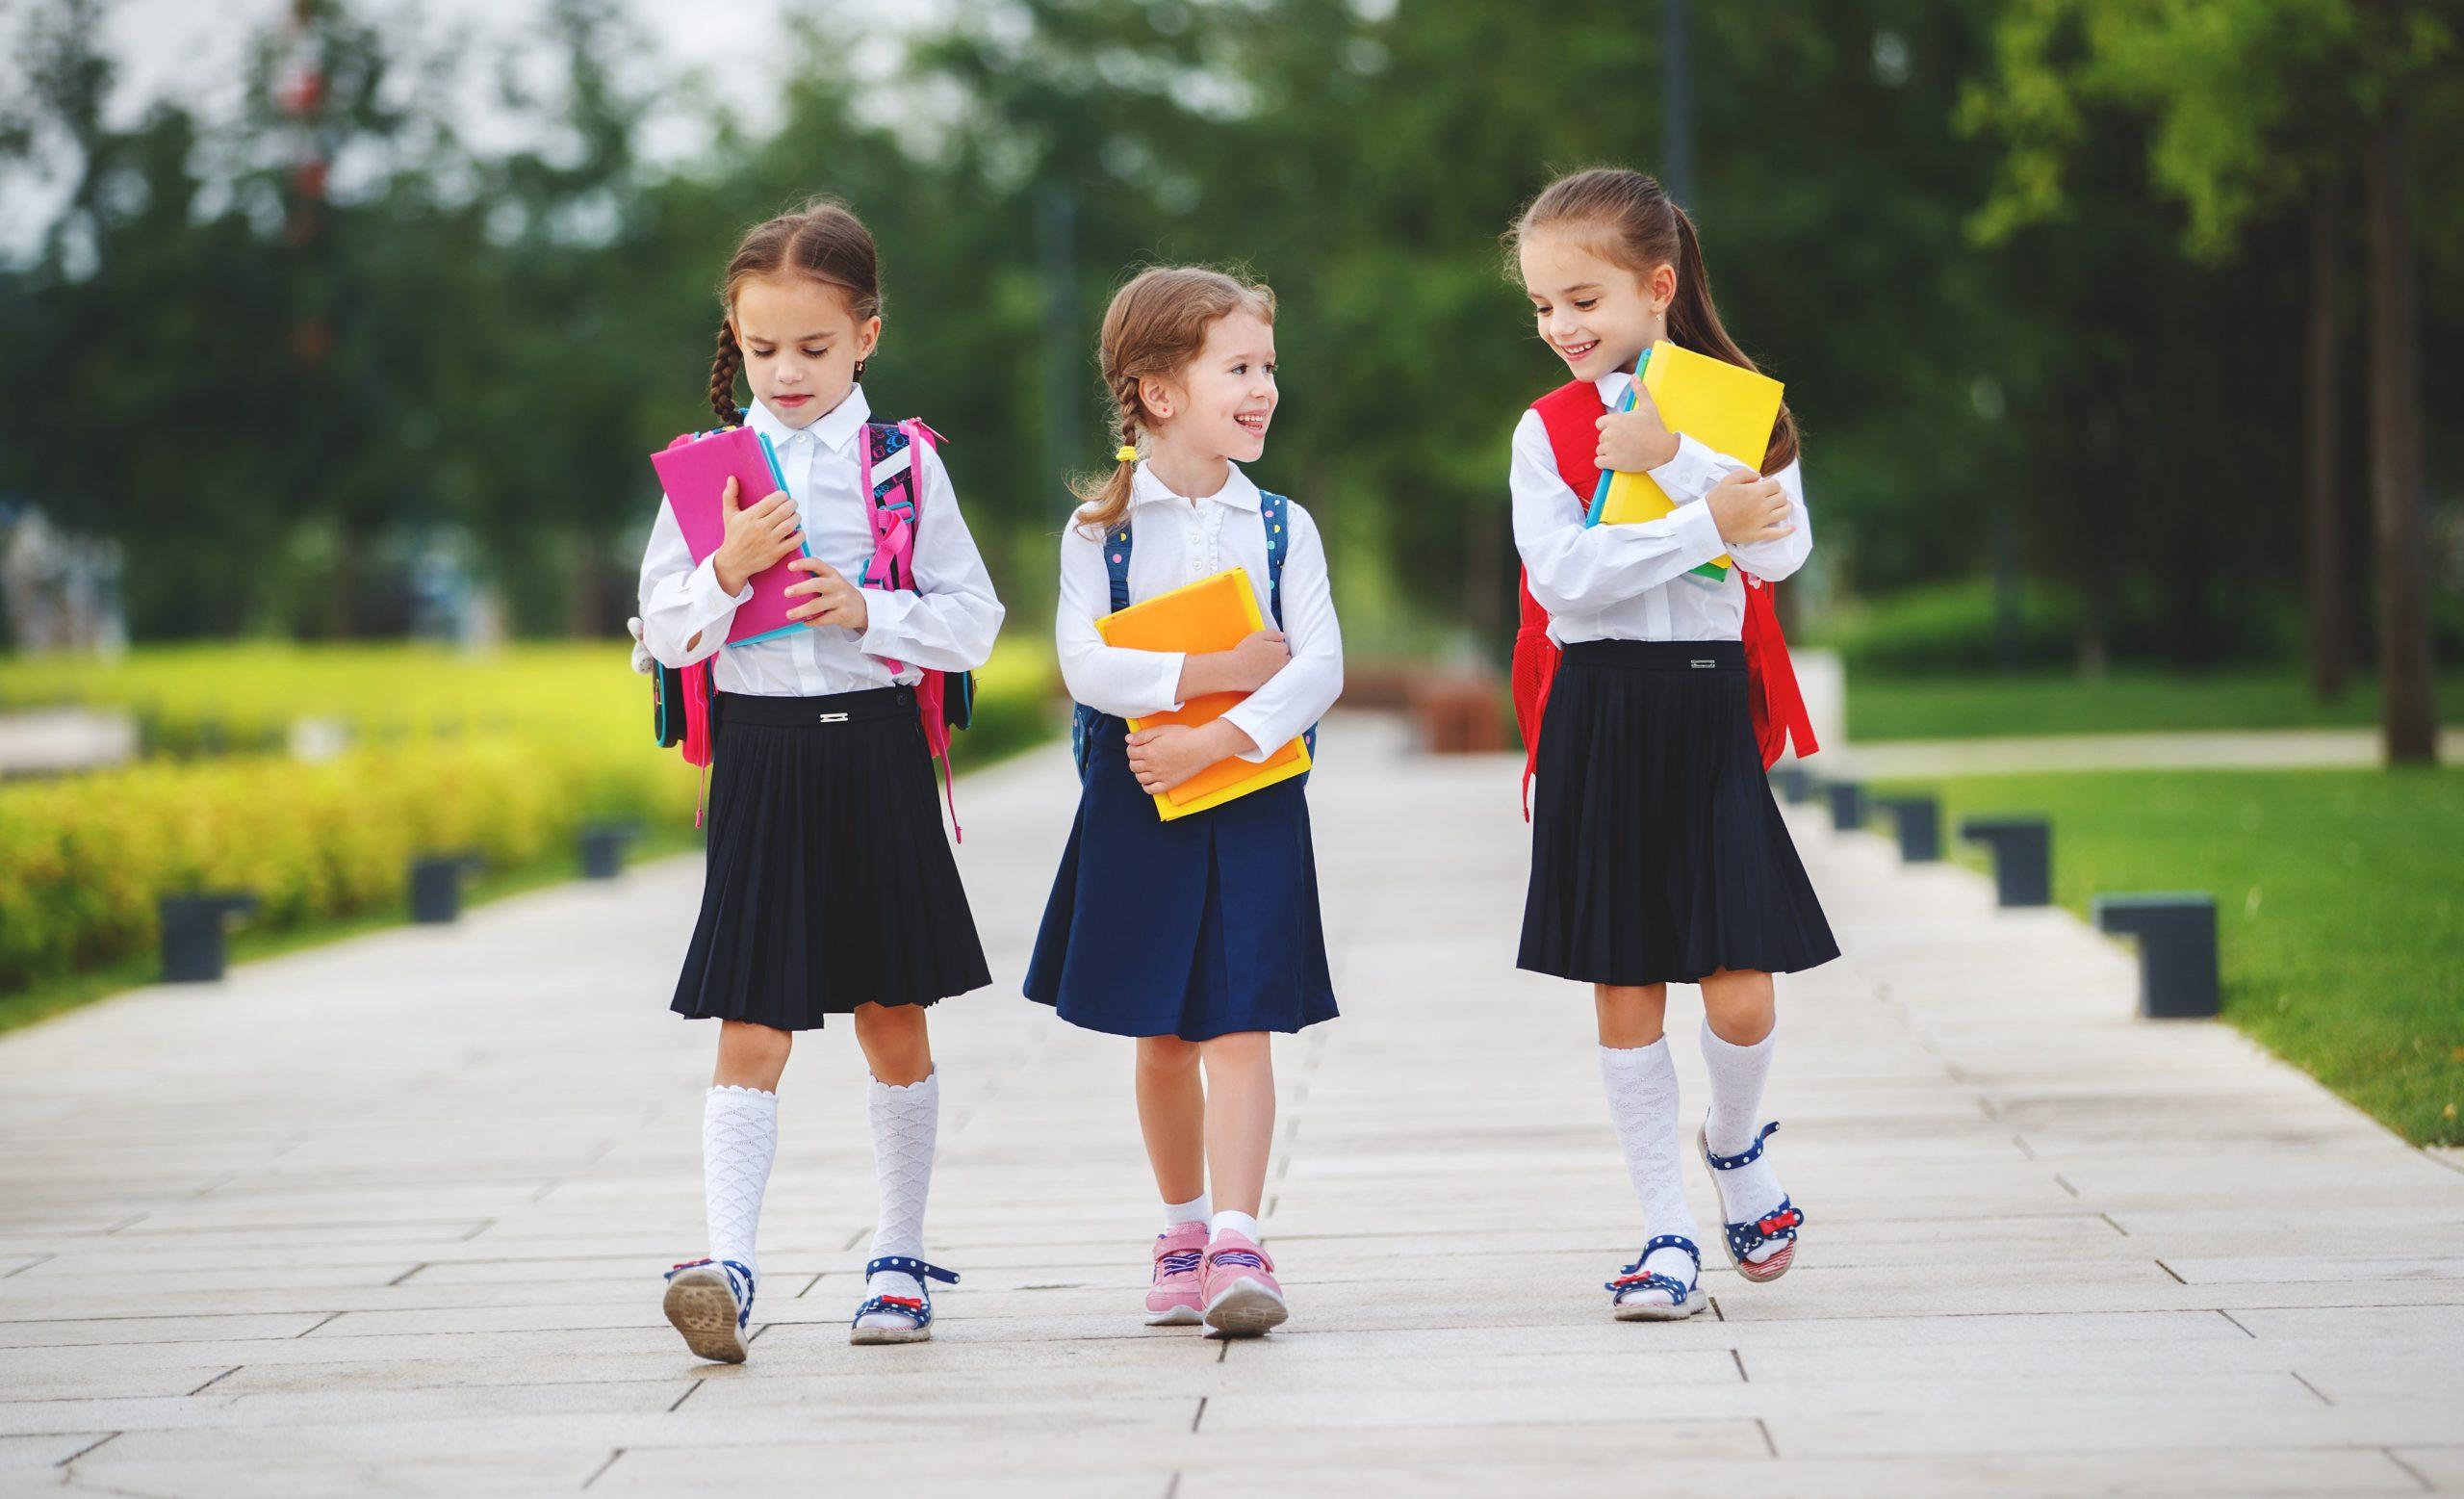 Ομαλή προσαρμογή των μαθητών – Εισηγήσεις προς εκπαιδευτικούς